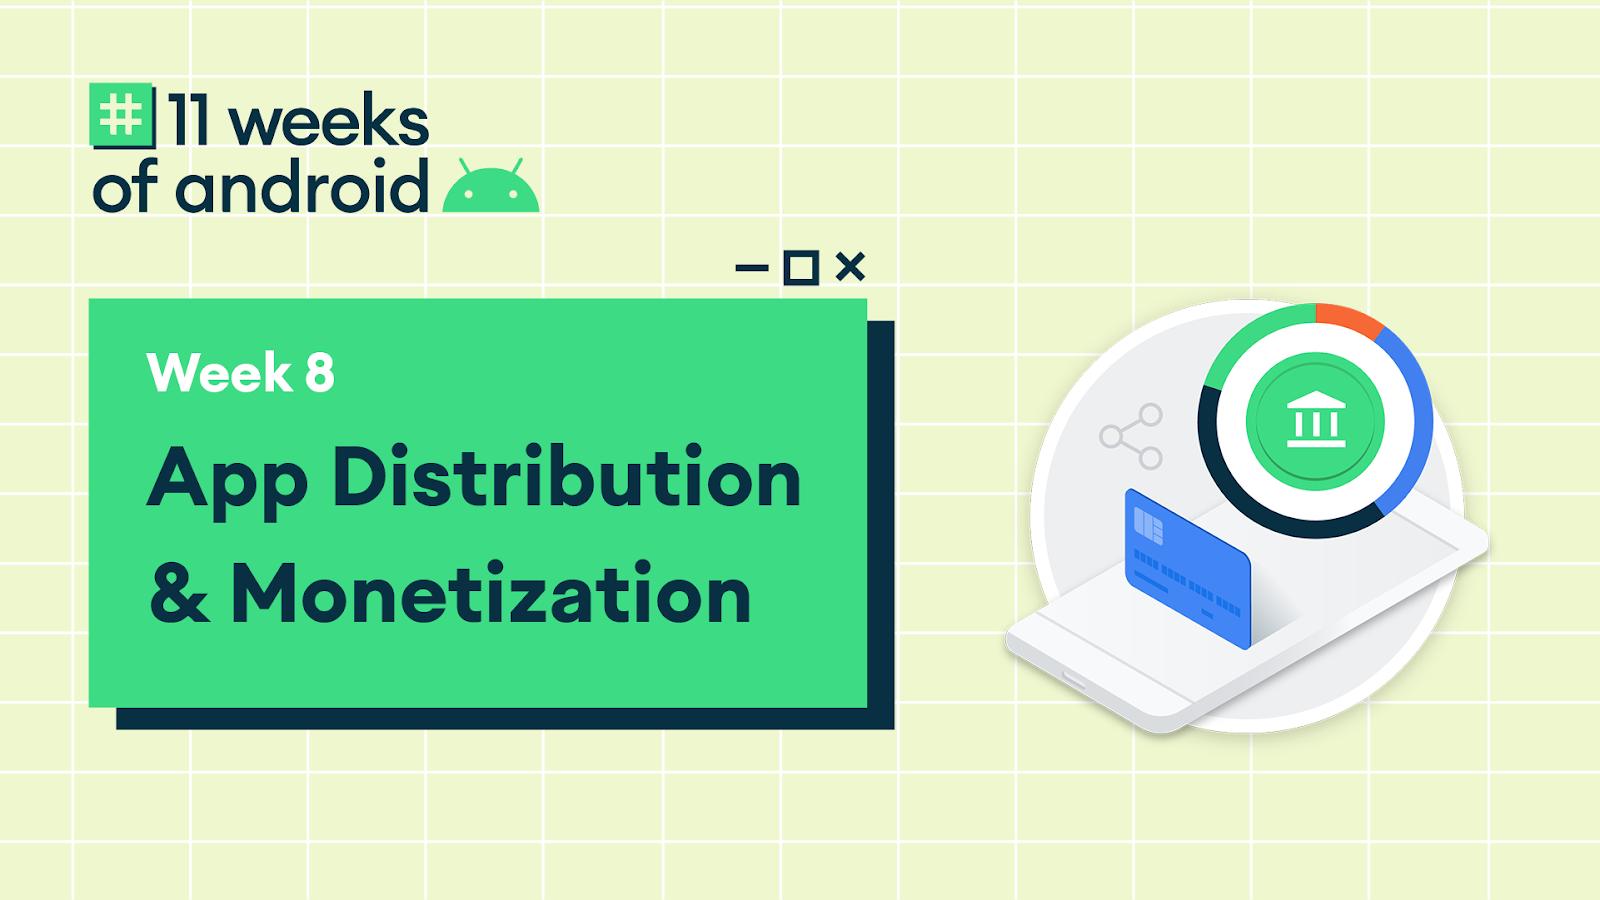 11semanas de Android, semana8: distribución y monetización de apps